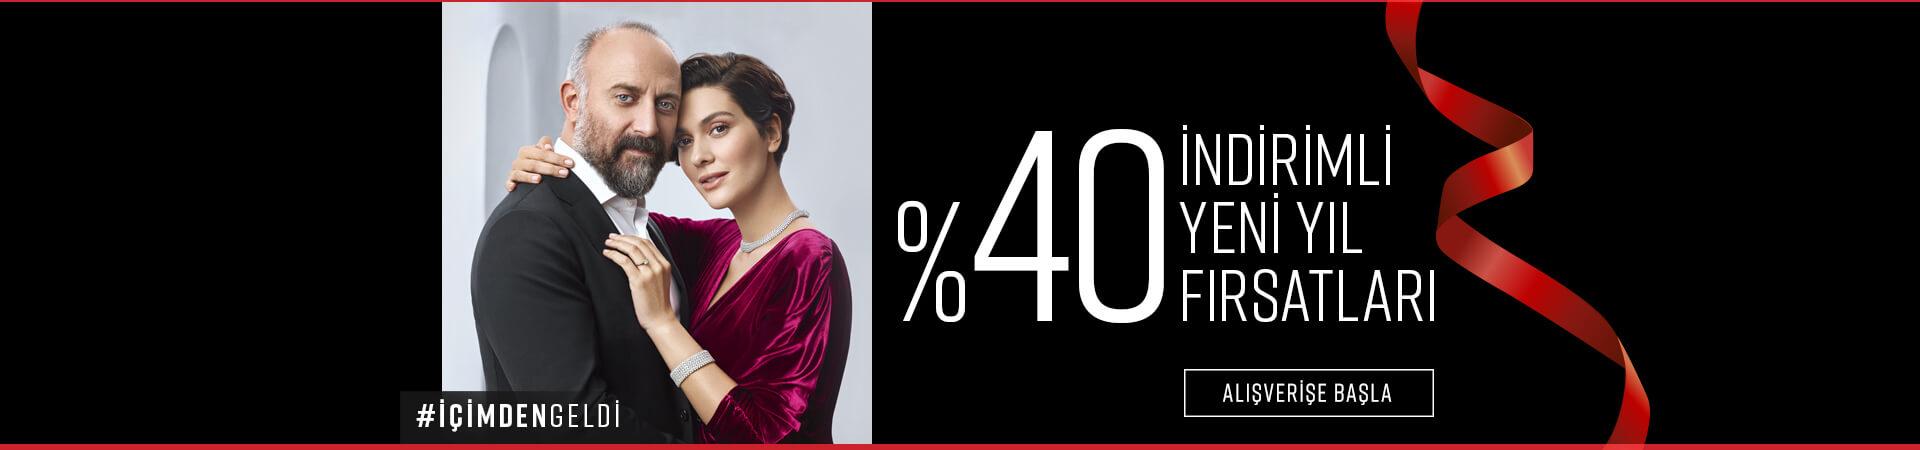 %40 indirimle yeni yıl fırsatları